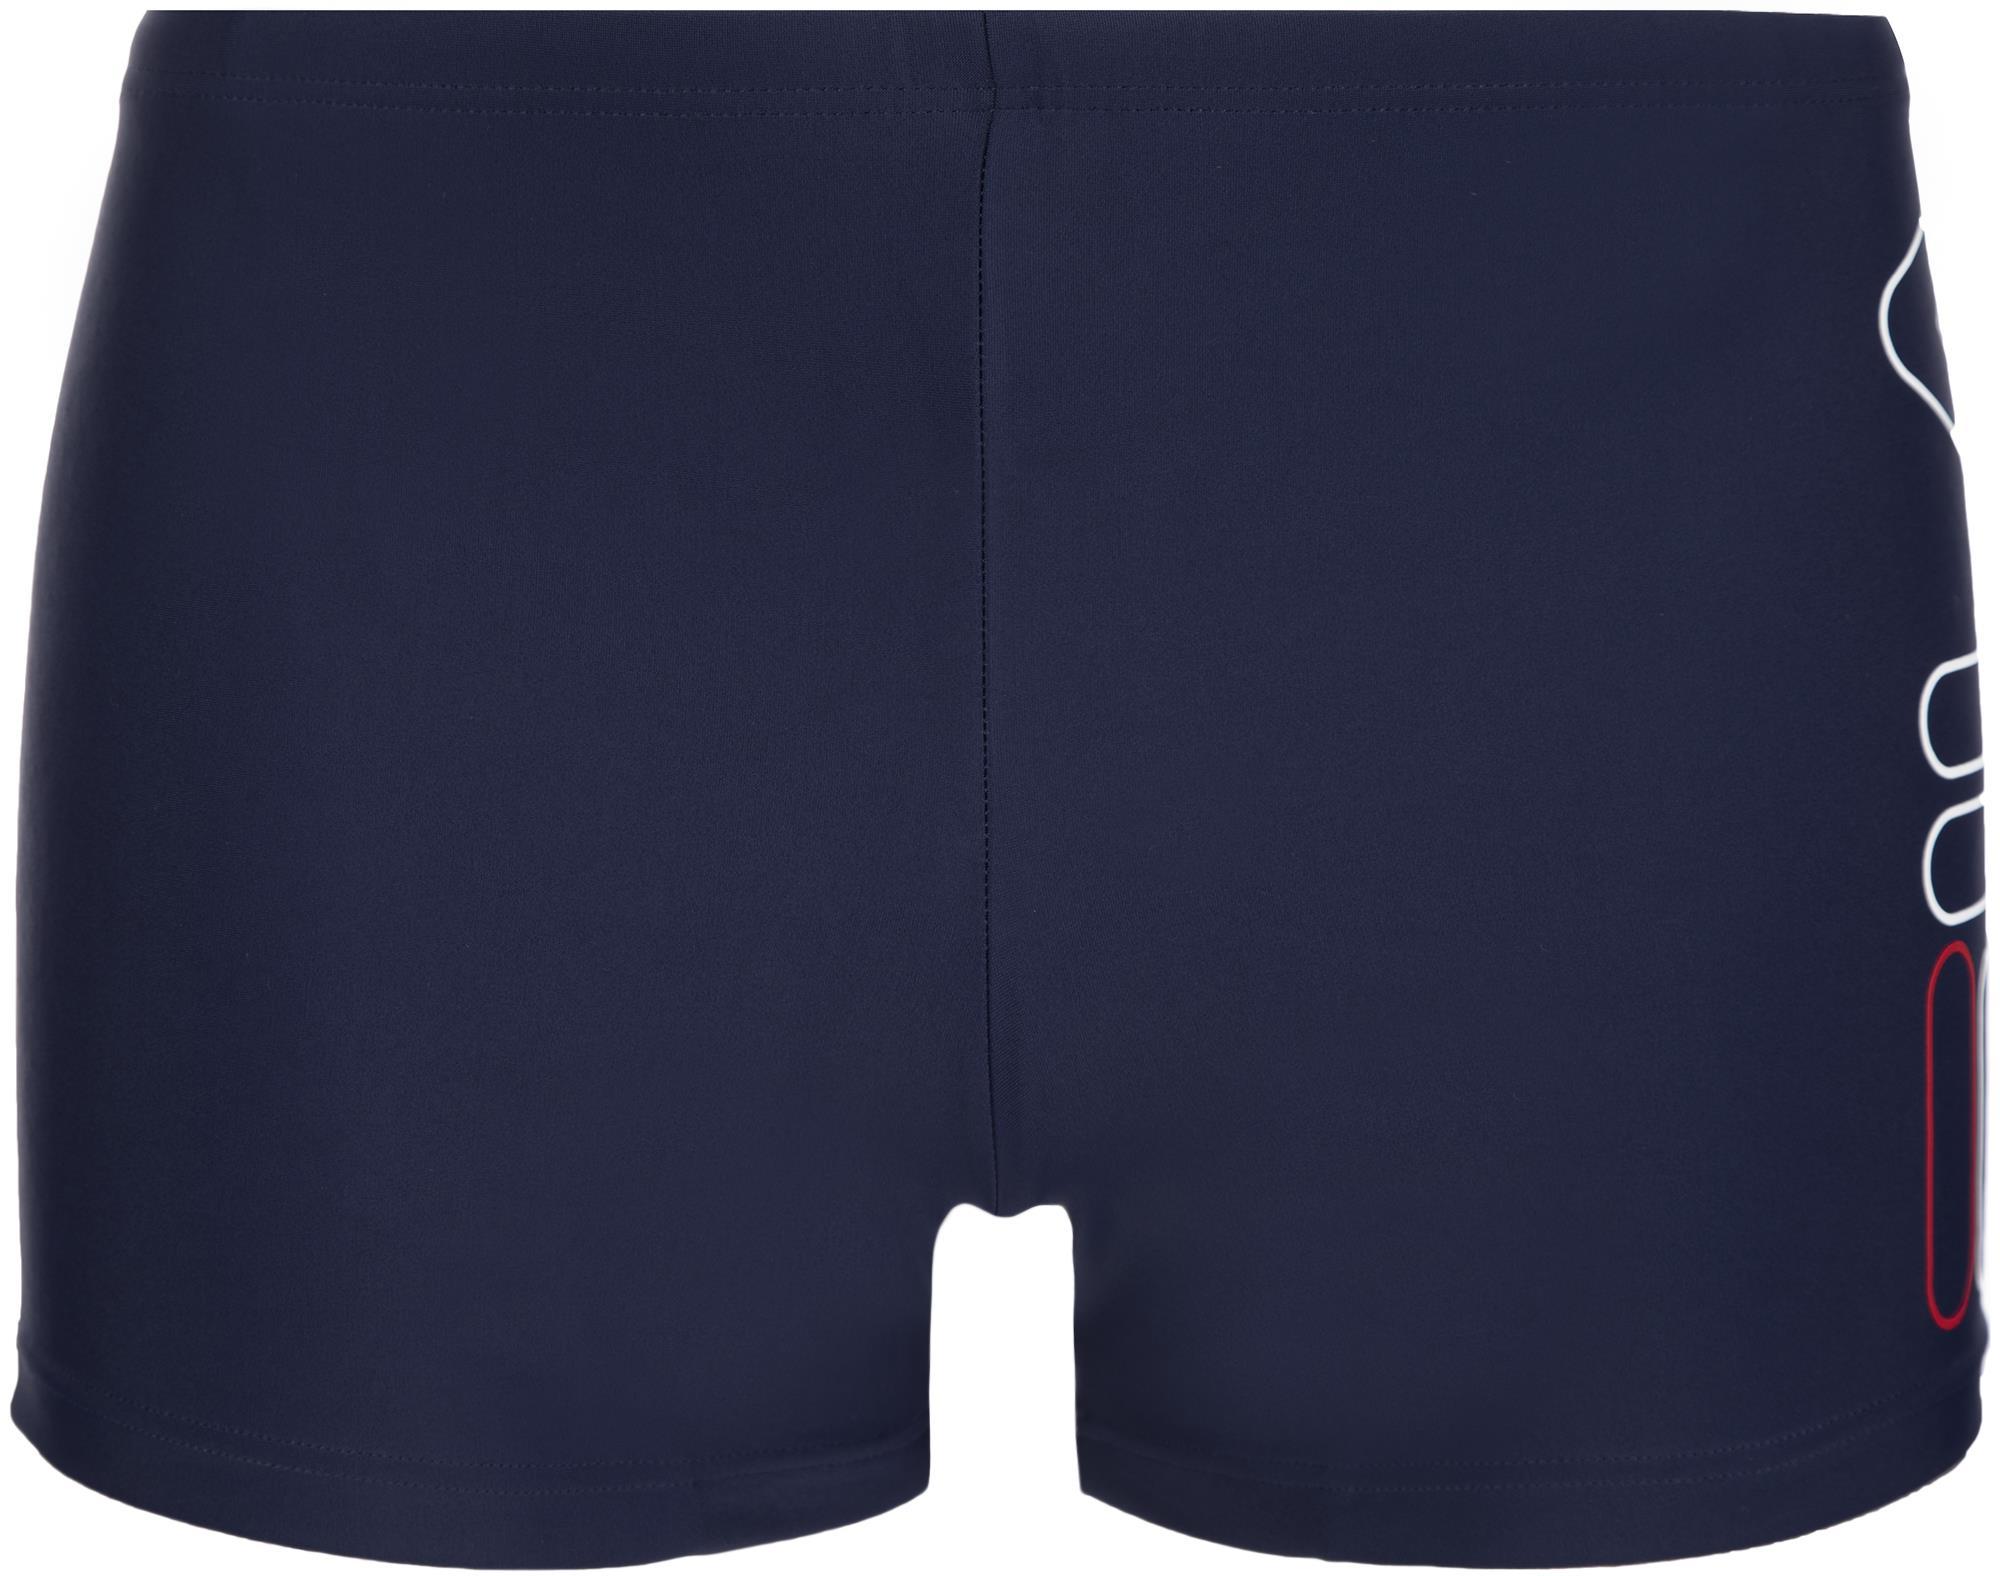 Плавки Fila Mens swim trunks